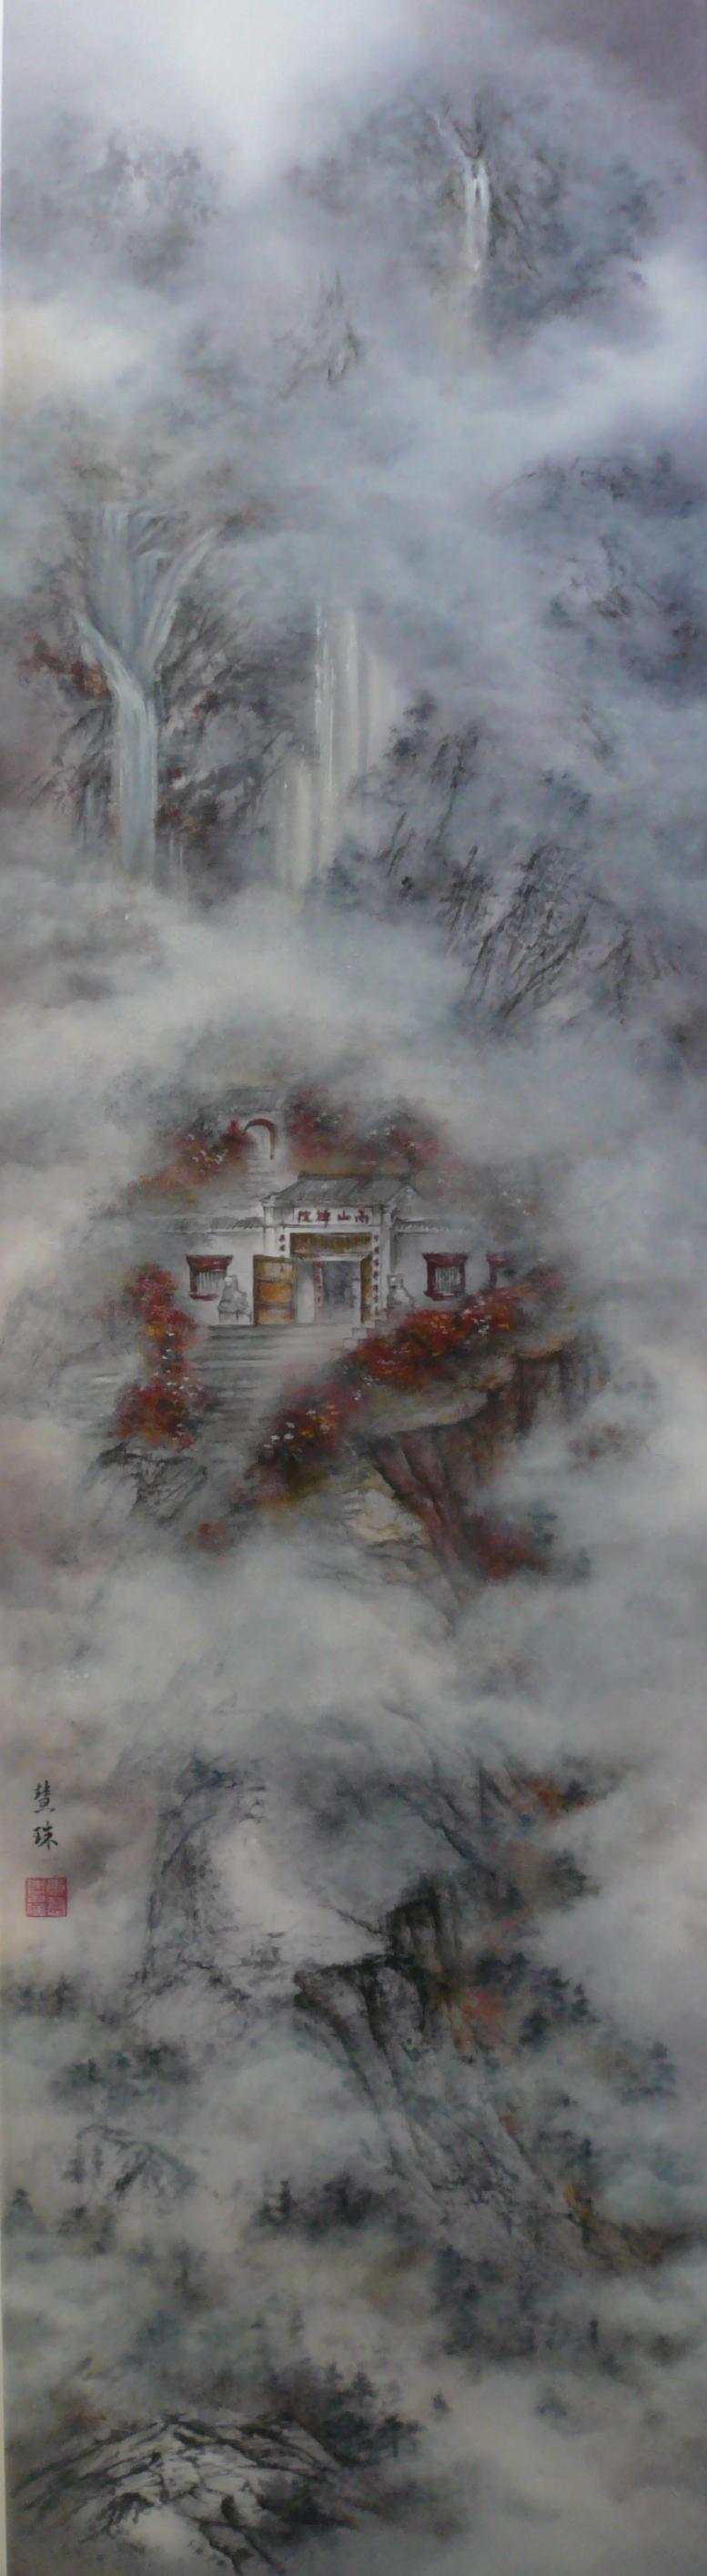 A foggy Day 153 x 41cm